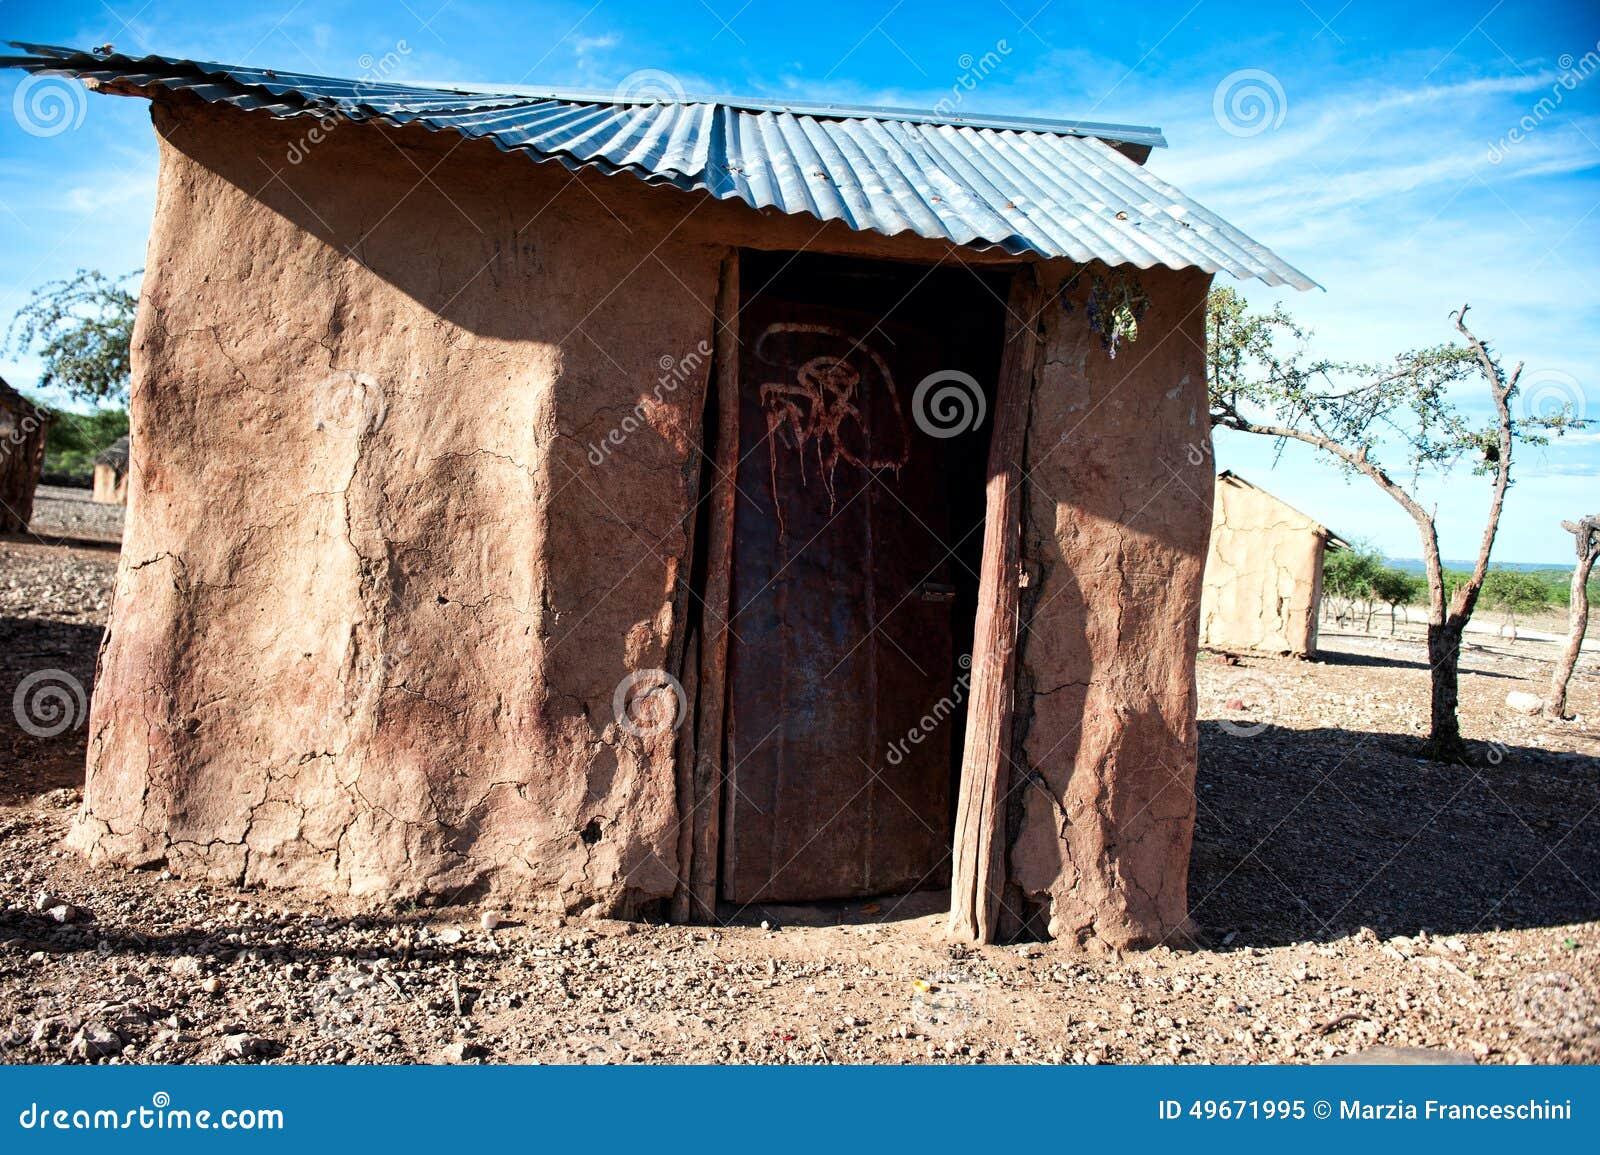 Maison de himba namibie afrique image stock image du for Angelina maison de l afrique